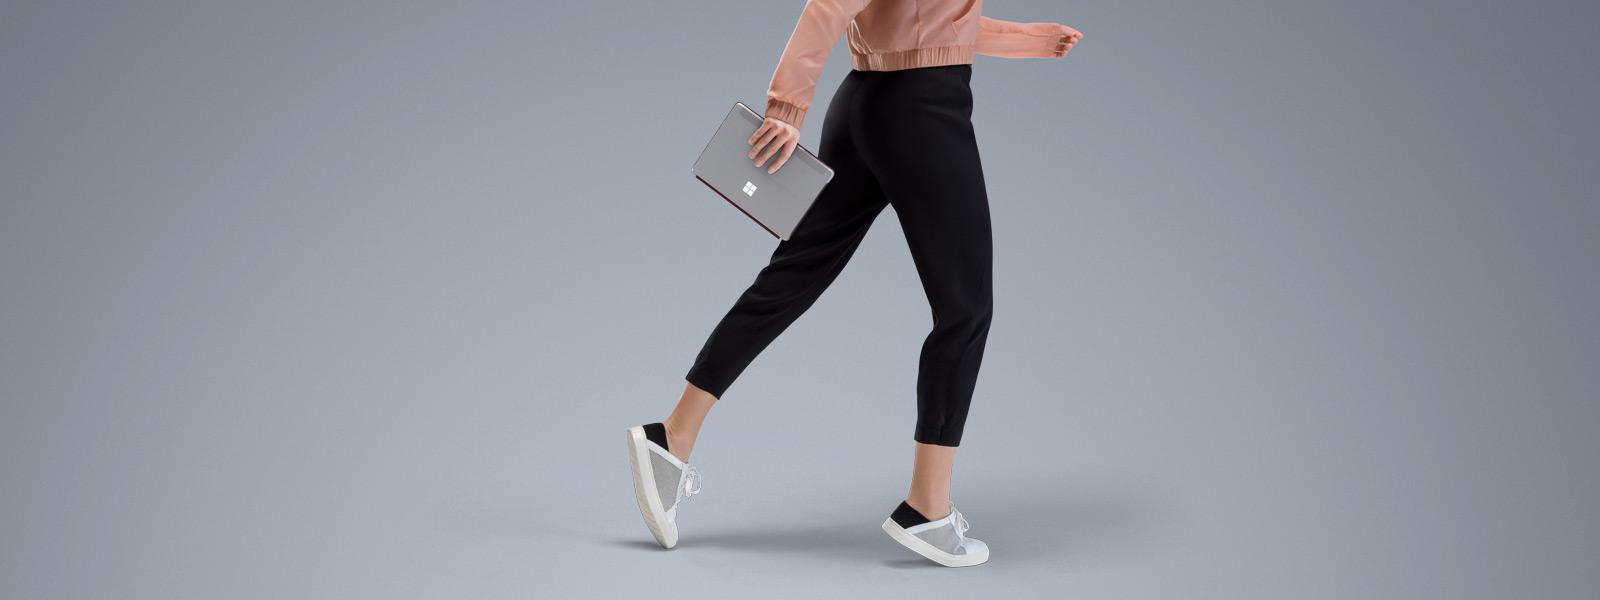 Surface Go dipegang oleh perempuan yang sedang berjalan